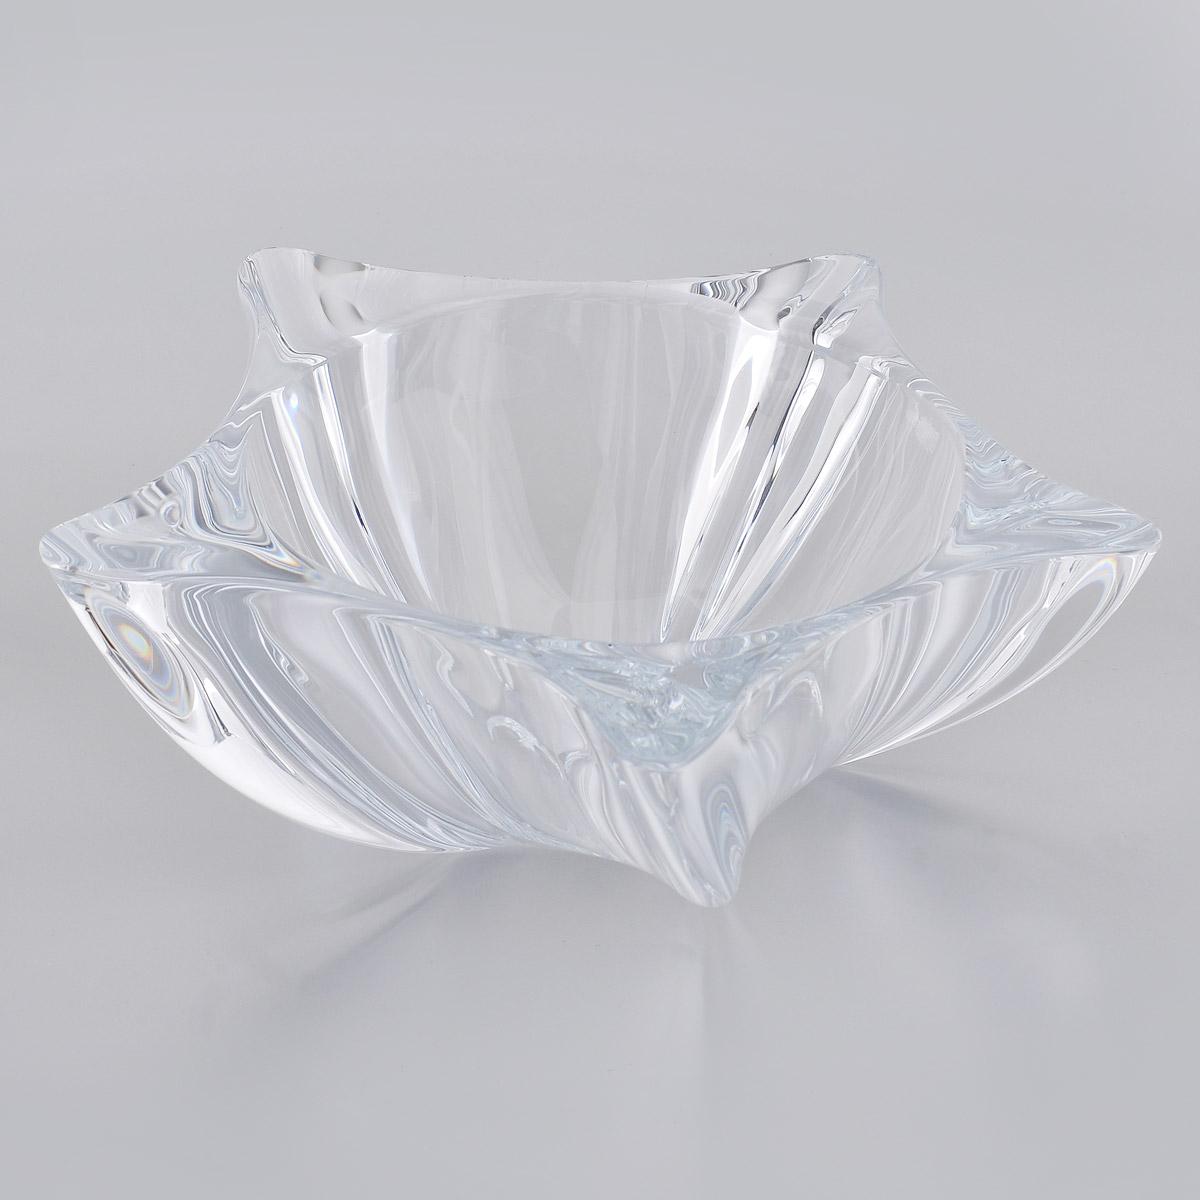 Салатник Crystalite Bohemia Йоко6KC37/0/99P77/305Салатник Crystalite Bohemia Йоко изготовлен из прочного утолщенного стекла кристалайт. Салатник имеет оригинальную форму, что делает его изящным украшением праздничного стола. Изделие красиво переливается и излучает приятный блеск. Прекрасно подходит для сервировки салатов, закусок, конфет, пирожных и т.д. Салатник Crystalite Bohemia Йоко - это изысканное украшение праздничного стола, которое удивит вас и ваших гостей оригинальным дизайном и практичностью.Можно мыть в посудомоечной машине.